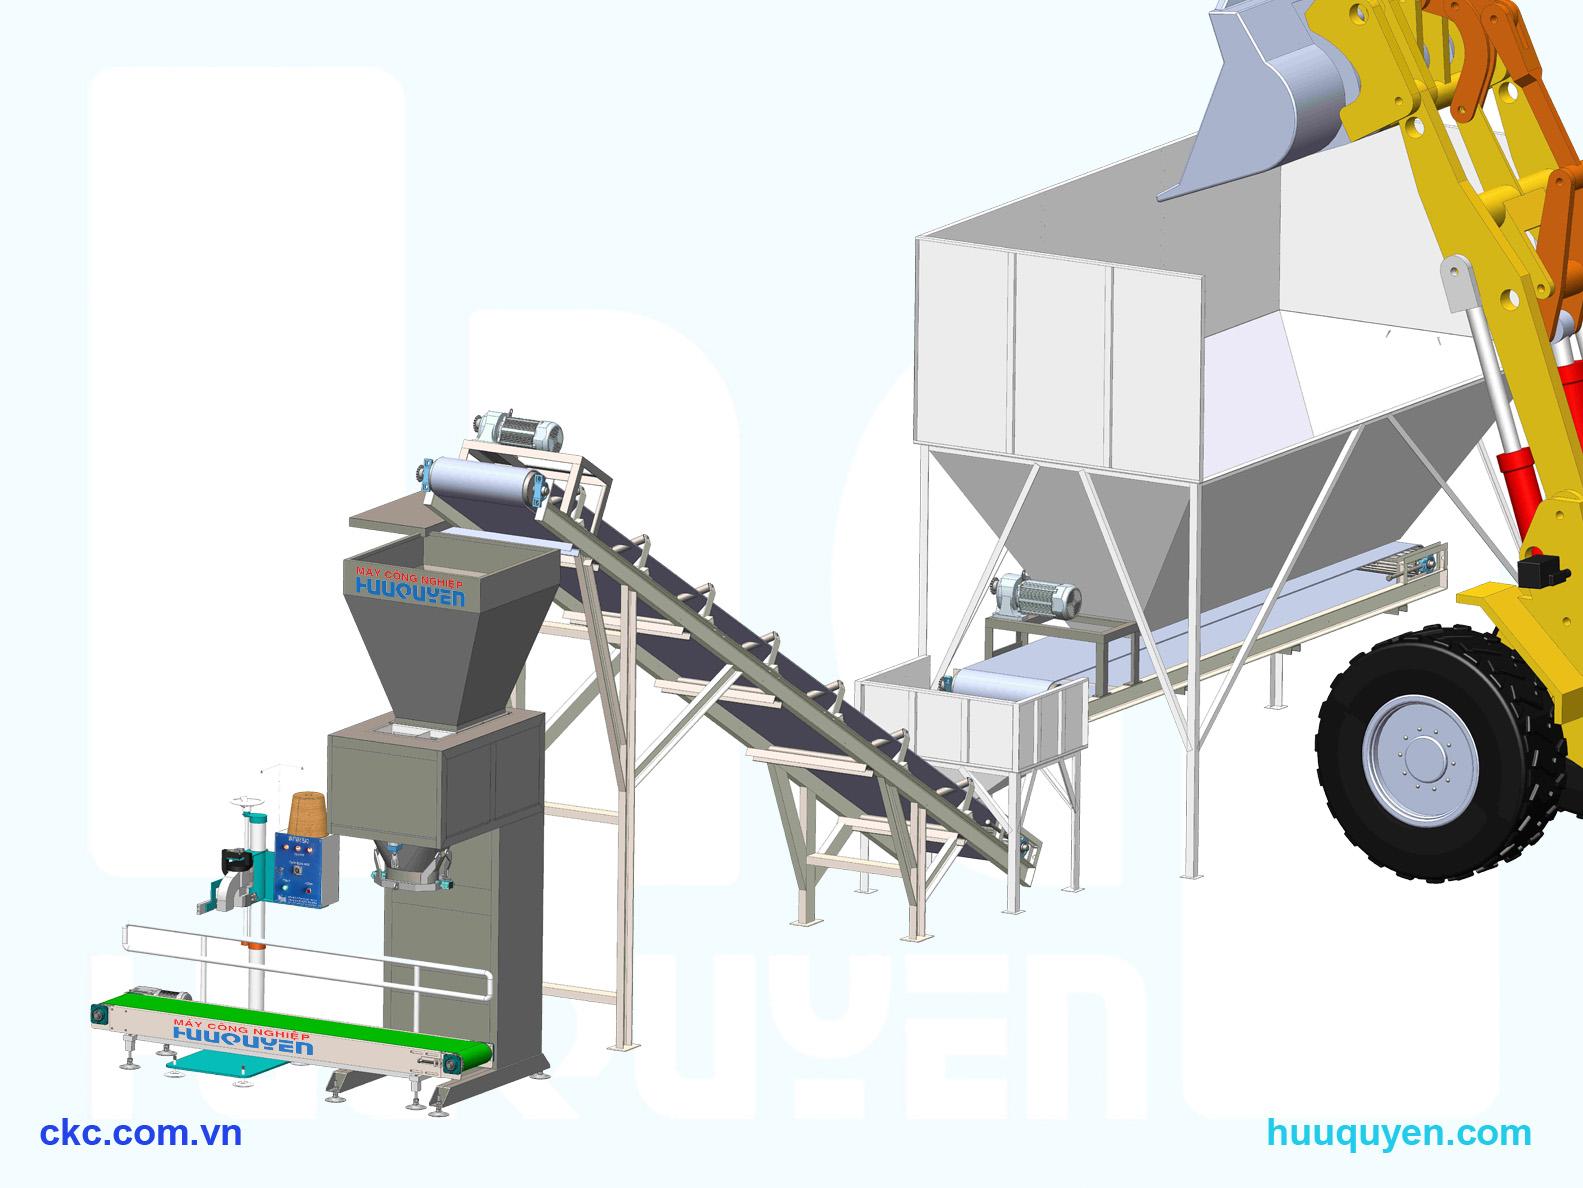 hệ thống cân, băng tải cấp liệu trong đóng gói phân hữu cơ phân vi sinh